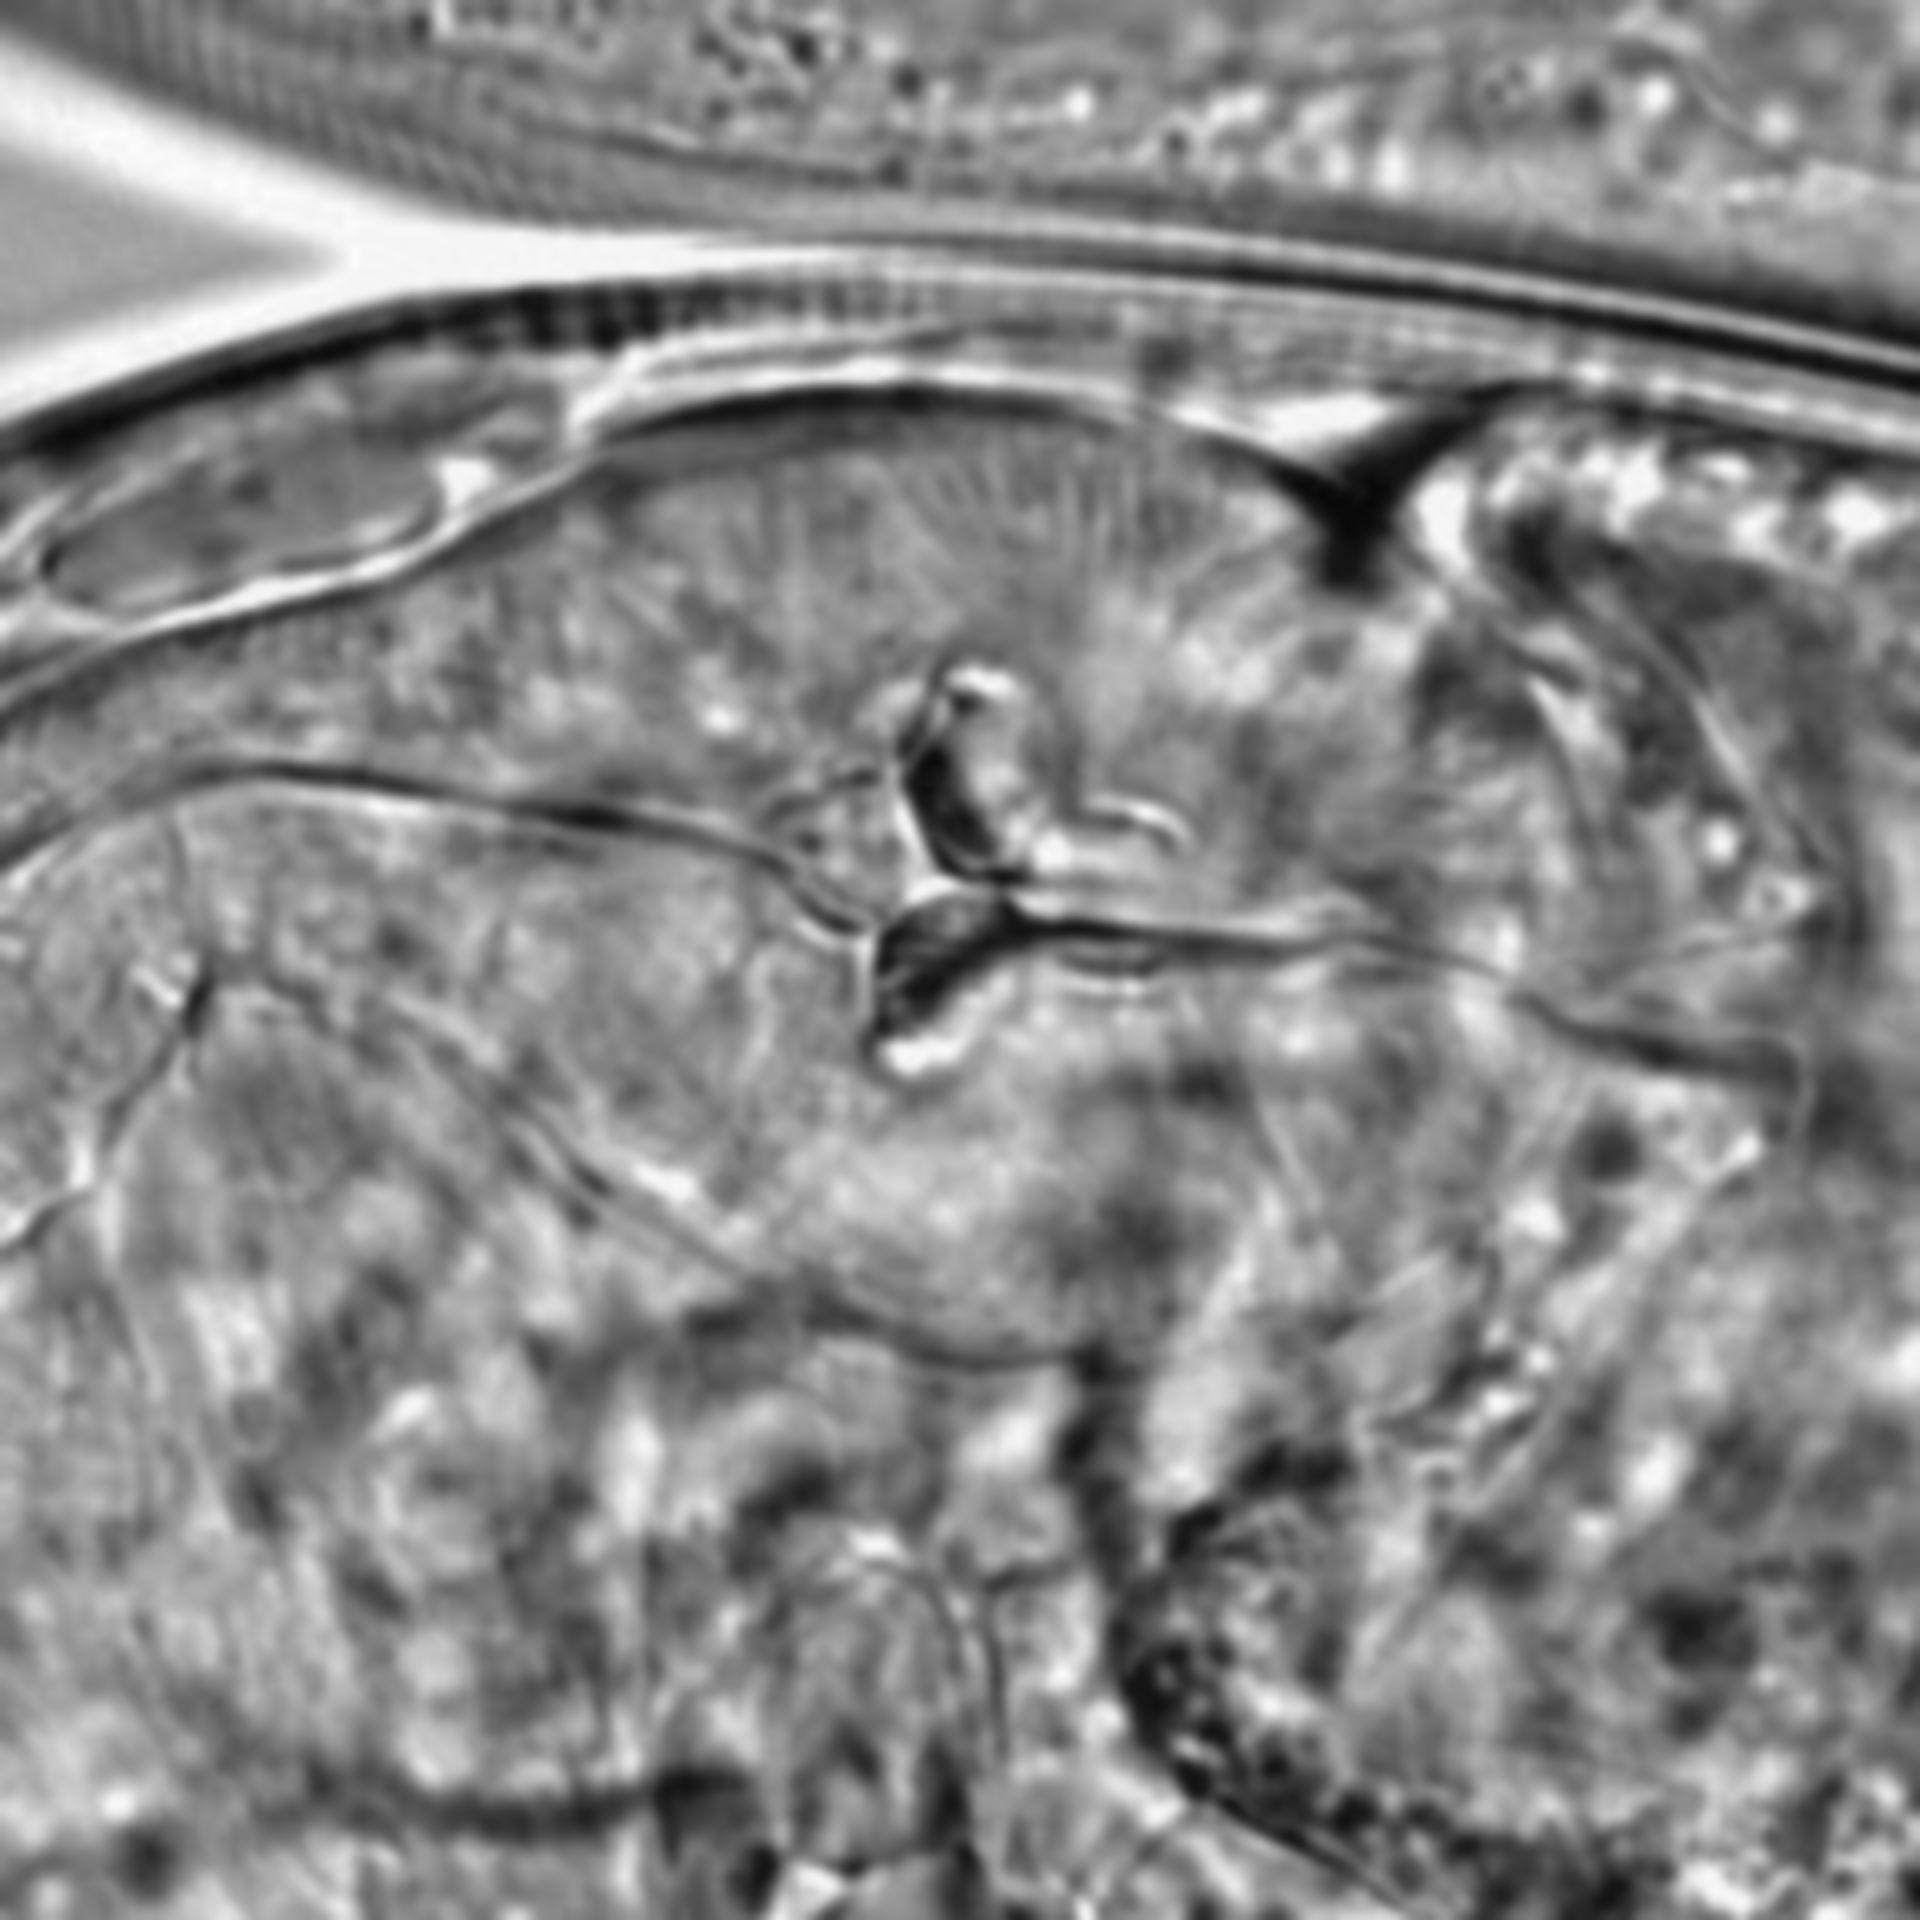 Caenorhabditis elegans - CIL:1629